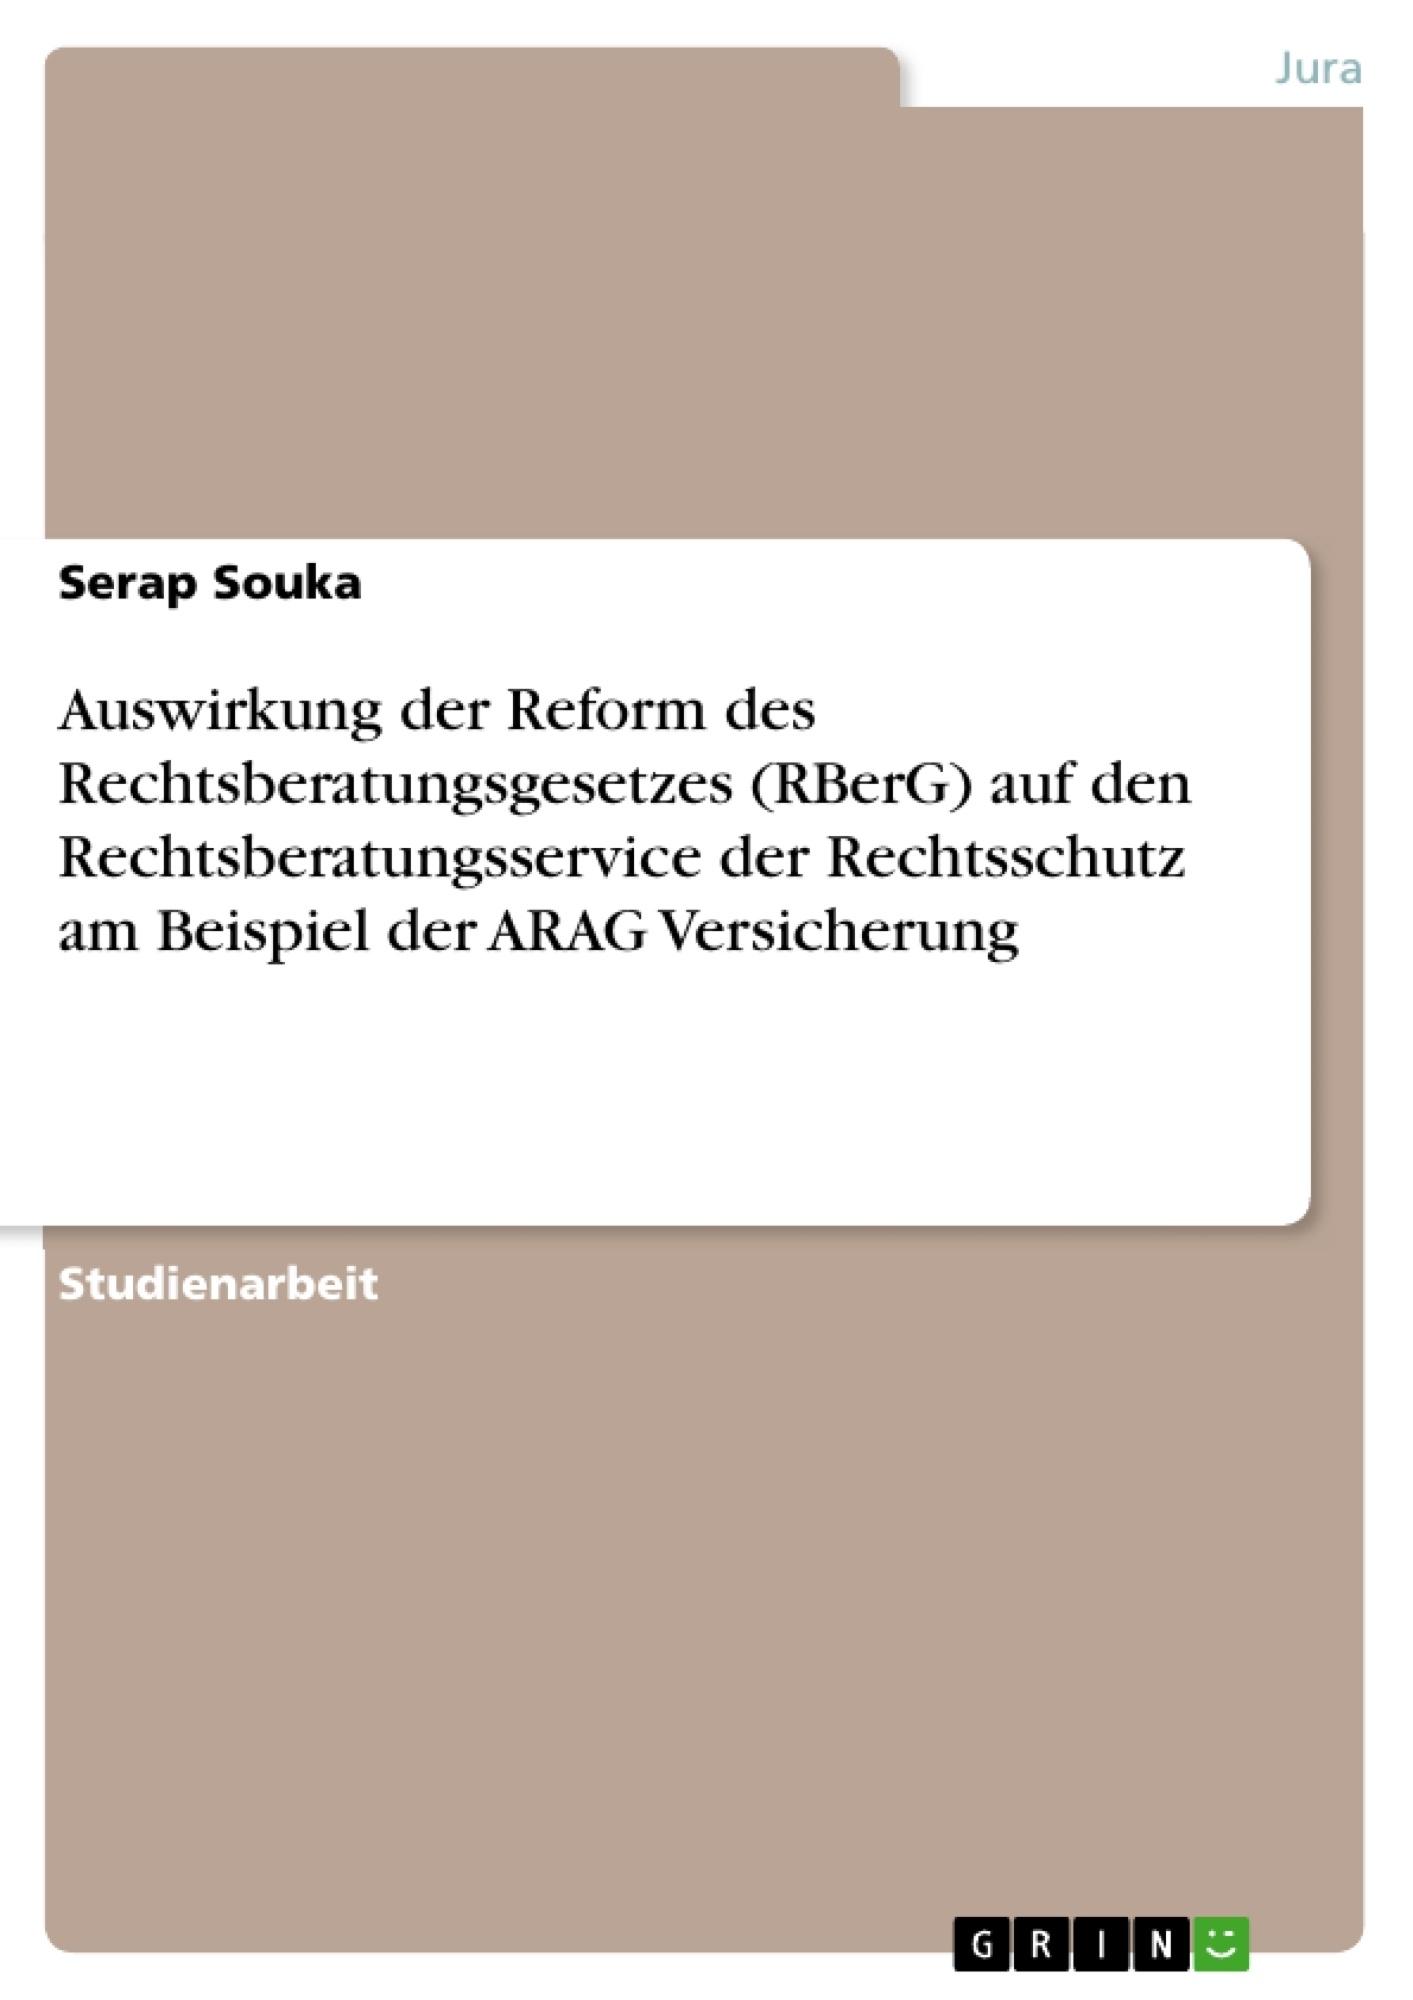 Titel: Auswirkung der Reform des Rechtsberatungsgesetzes (RBerG) auf den Rechtsberatungsservice der Rechtsschutz am Beispiel der ARAG Versicherung